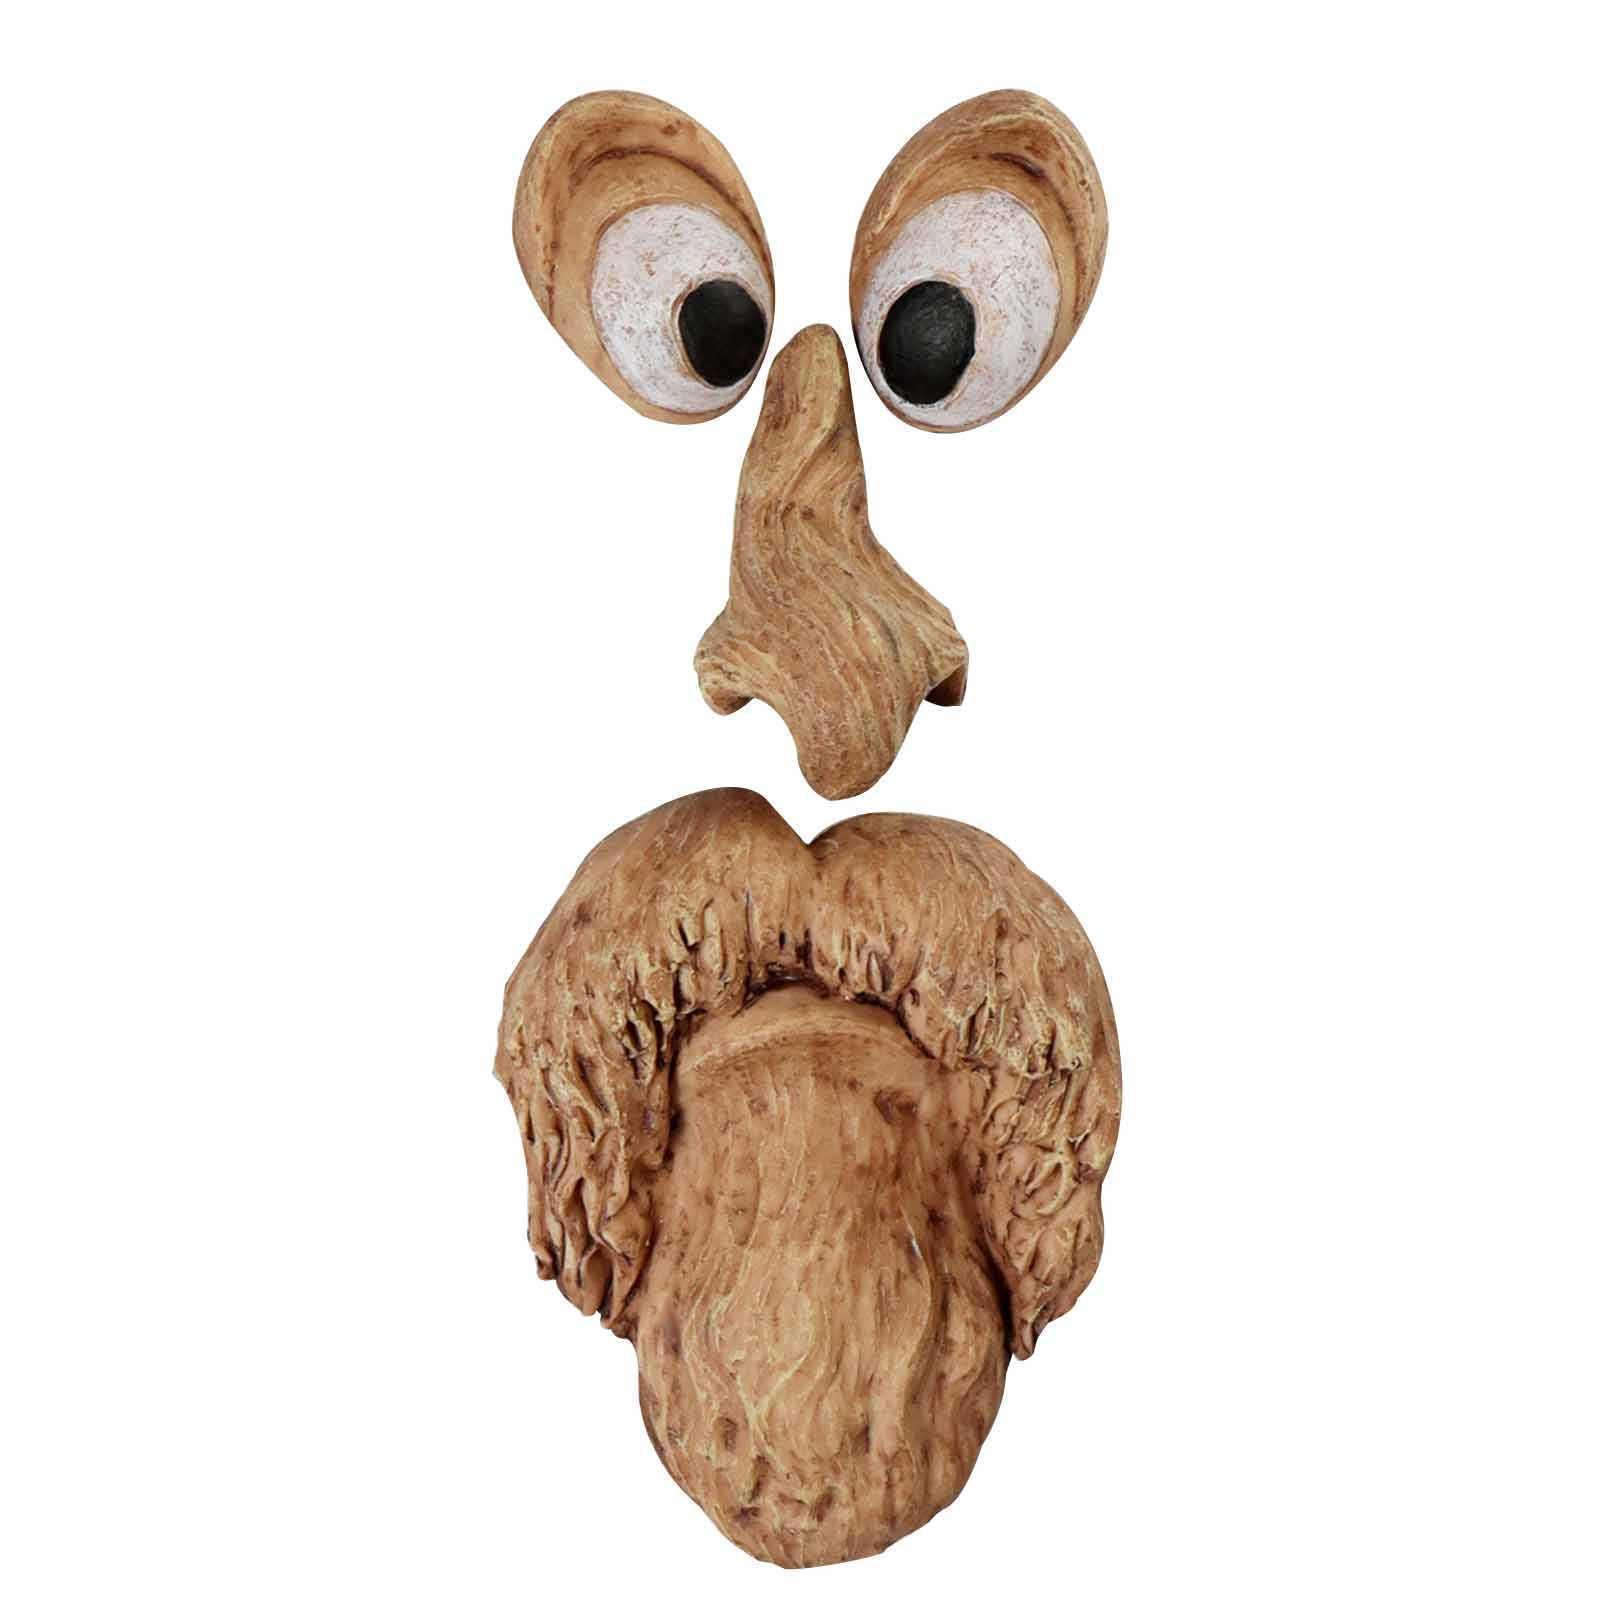 Открытый Пасхальные Украшения Смола Дерево Монстр Драда Лицевые Куски для Лесной Вещи Смешное дерево Кору Призрак Бог реквизит маска